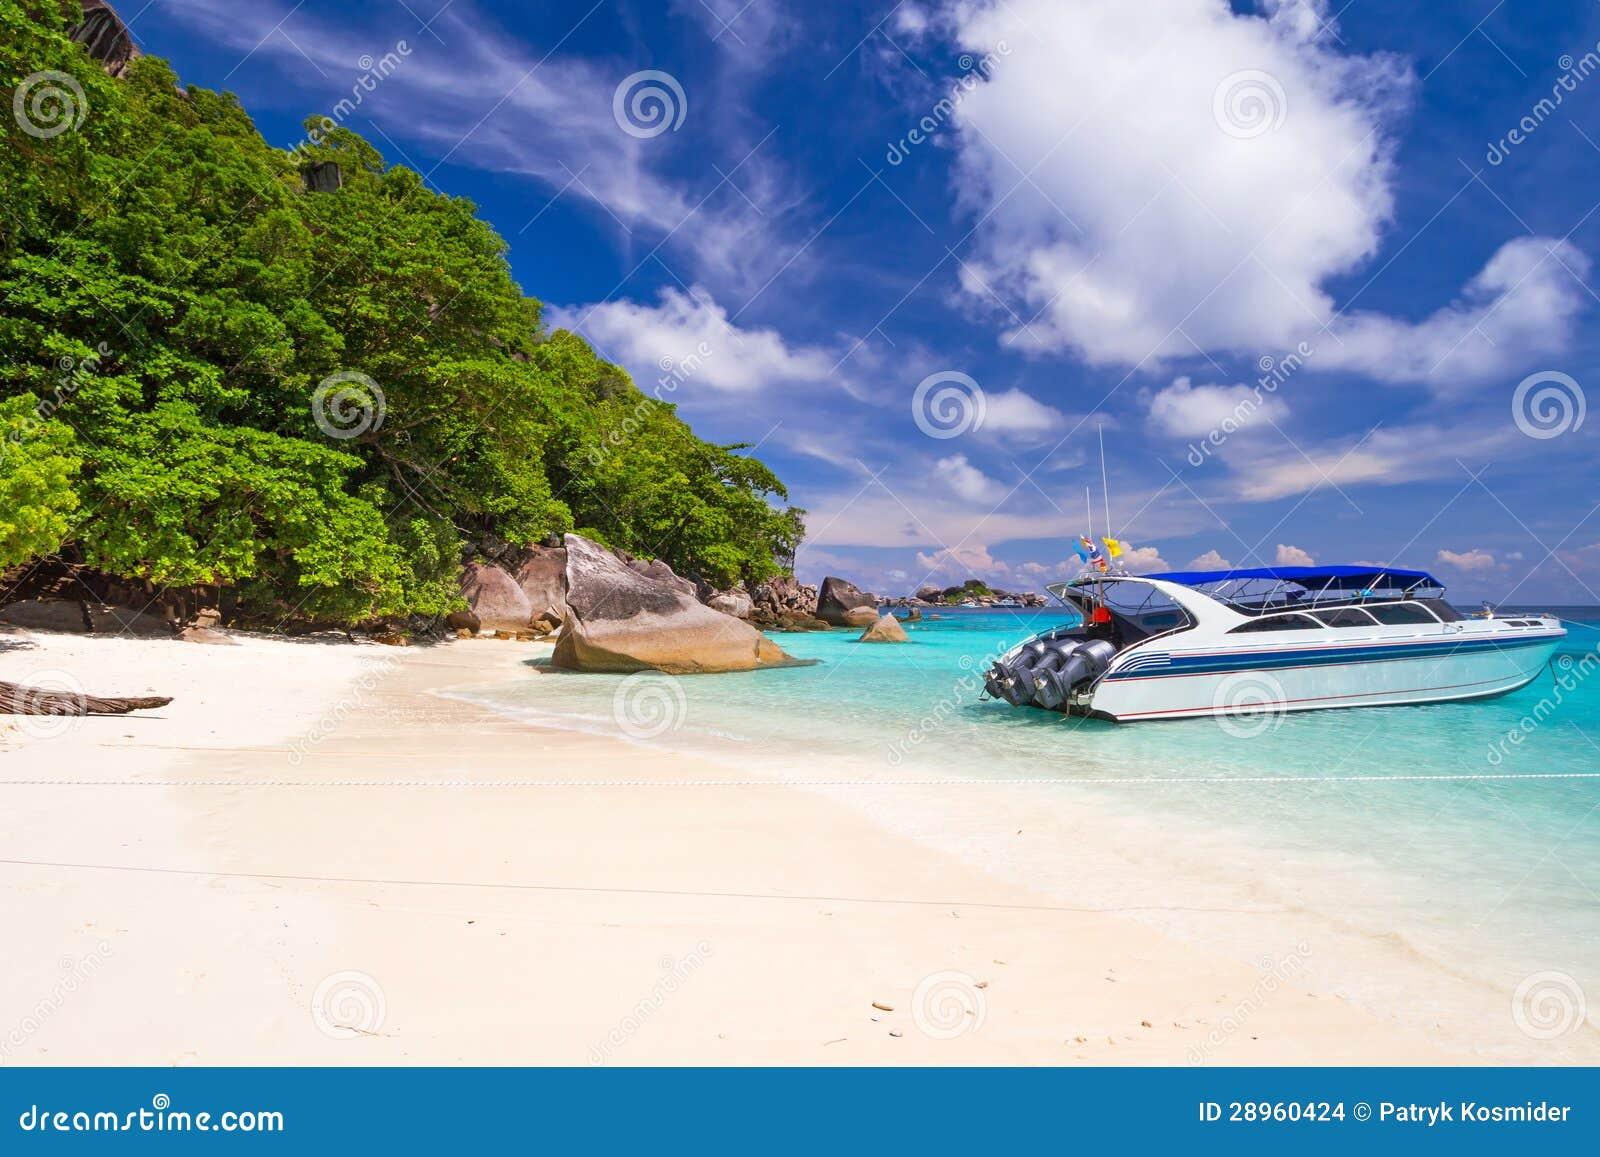 Motorowa łódź przy tropikalną plażą Similan wyspy